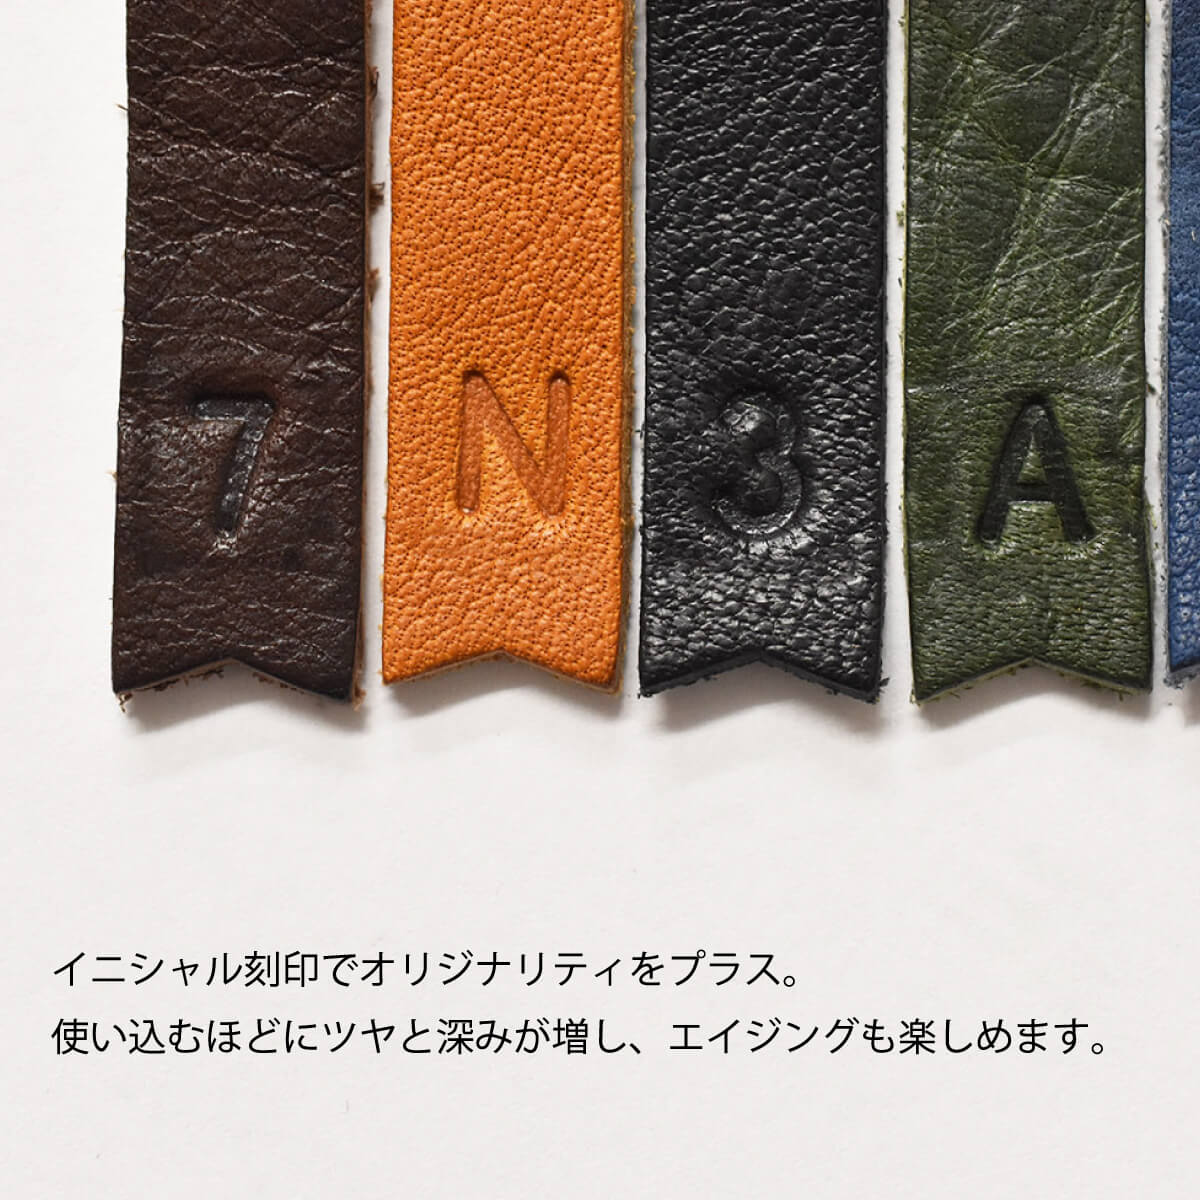 栃木レザー イニシャル刻印チャーム リボン型 キーホルダー